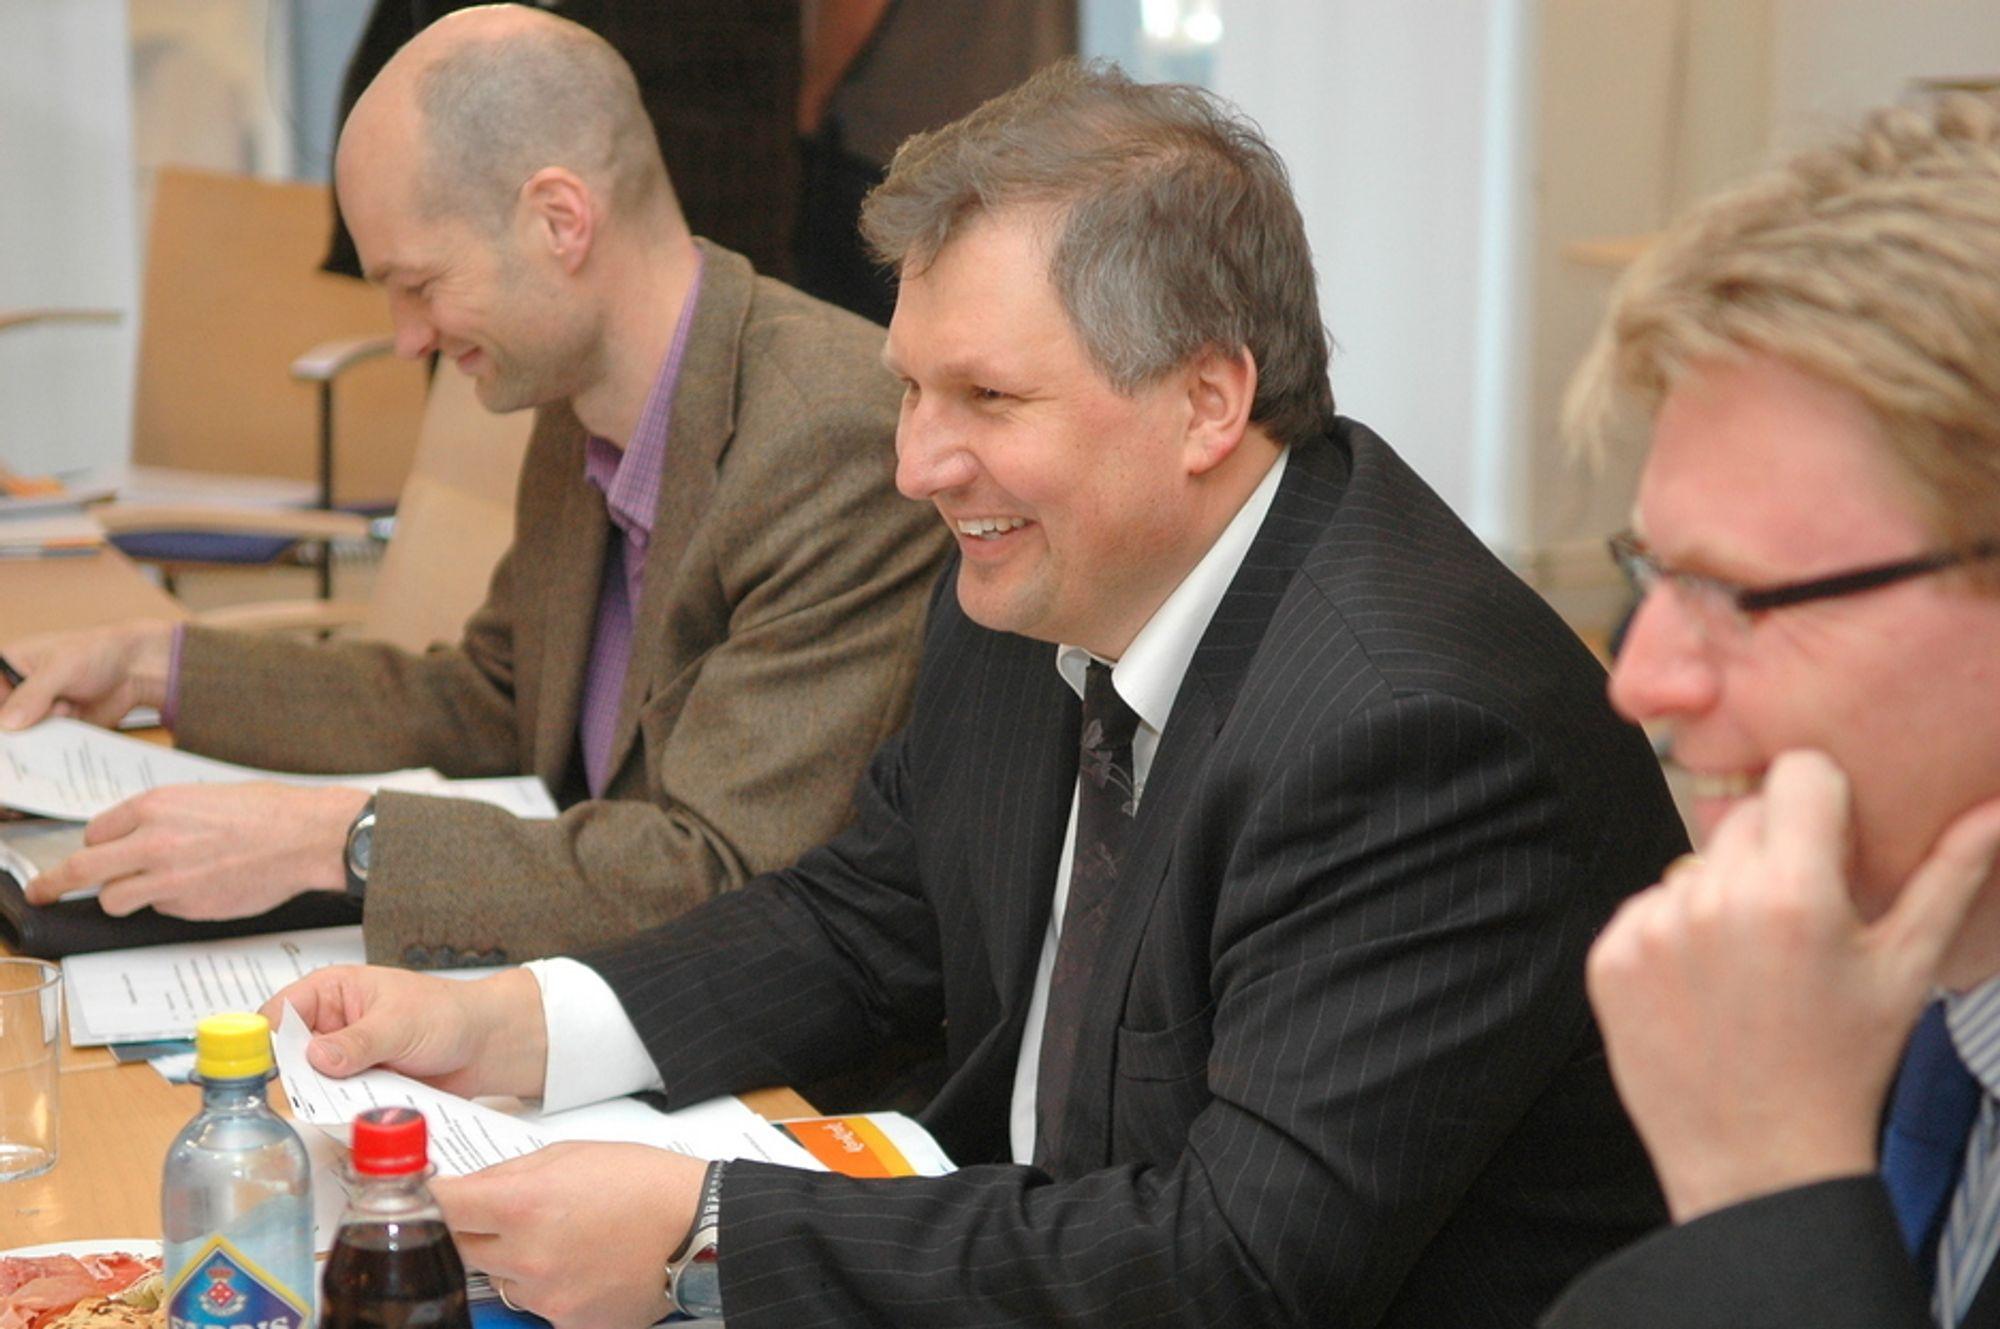 FIKK VILJEN SIN: Etter at olje- og energiminister Terje Riis-Johansen skrev et brev til styret i StatoilHydro, der han forklarte at staten kun ville stemme for et navneforslag der Statoil inngikk, hadde ikke styret noe valg.